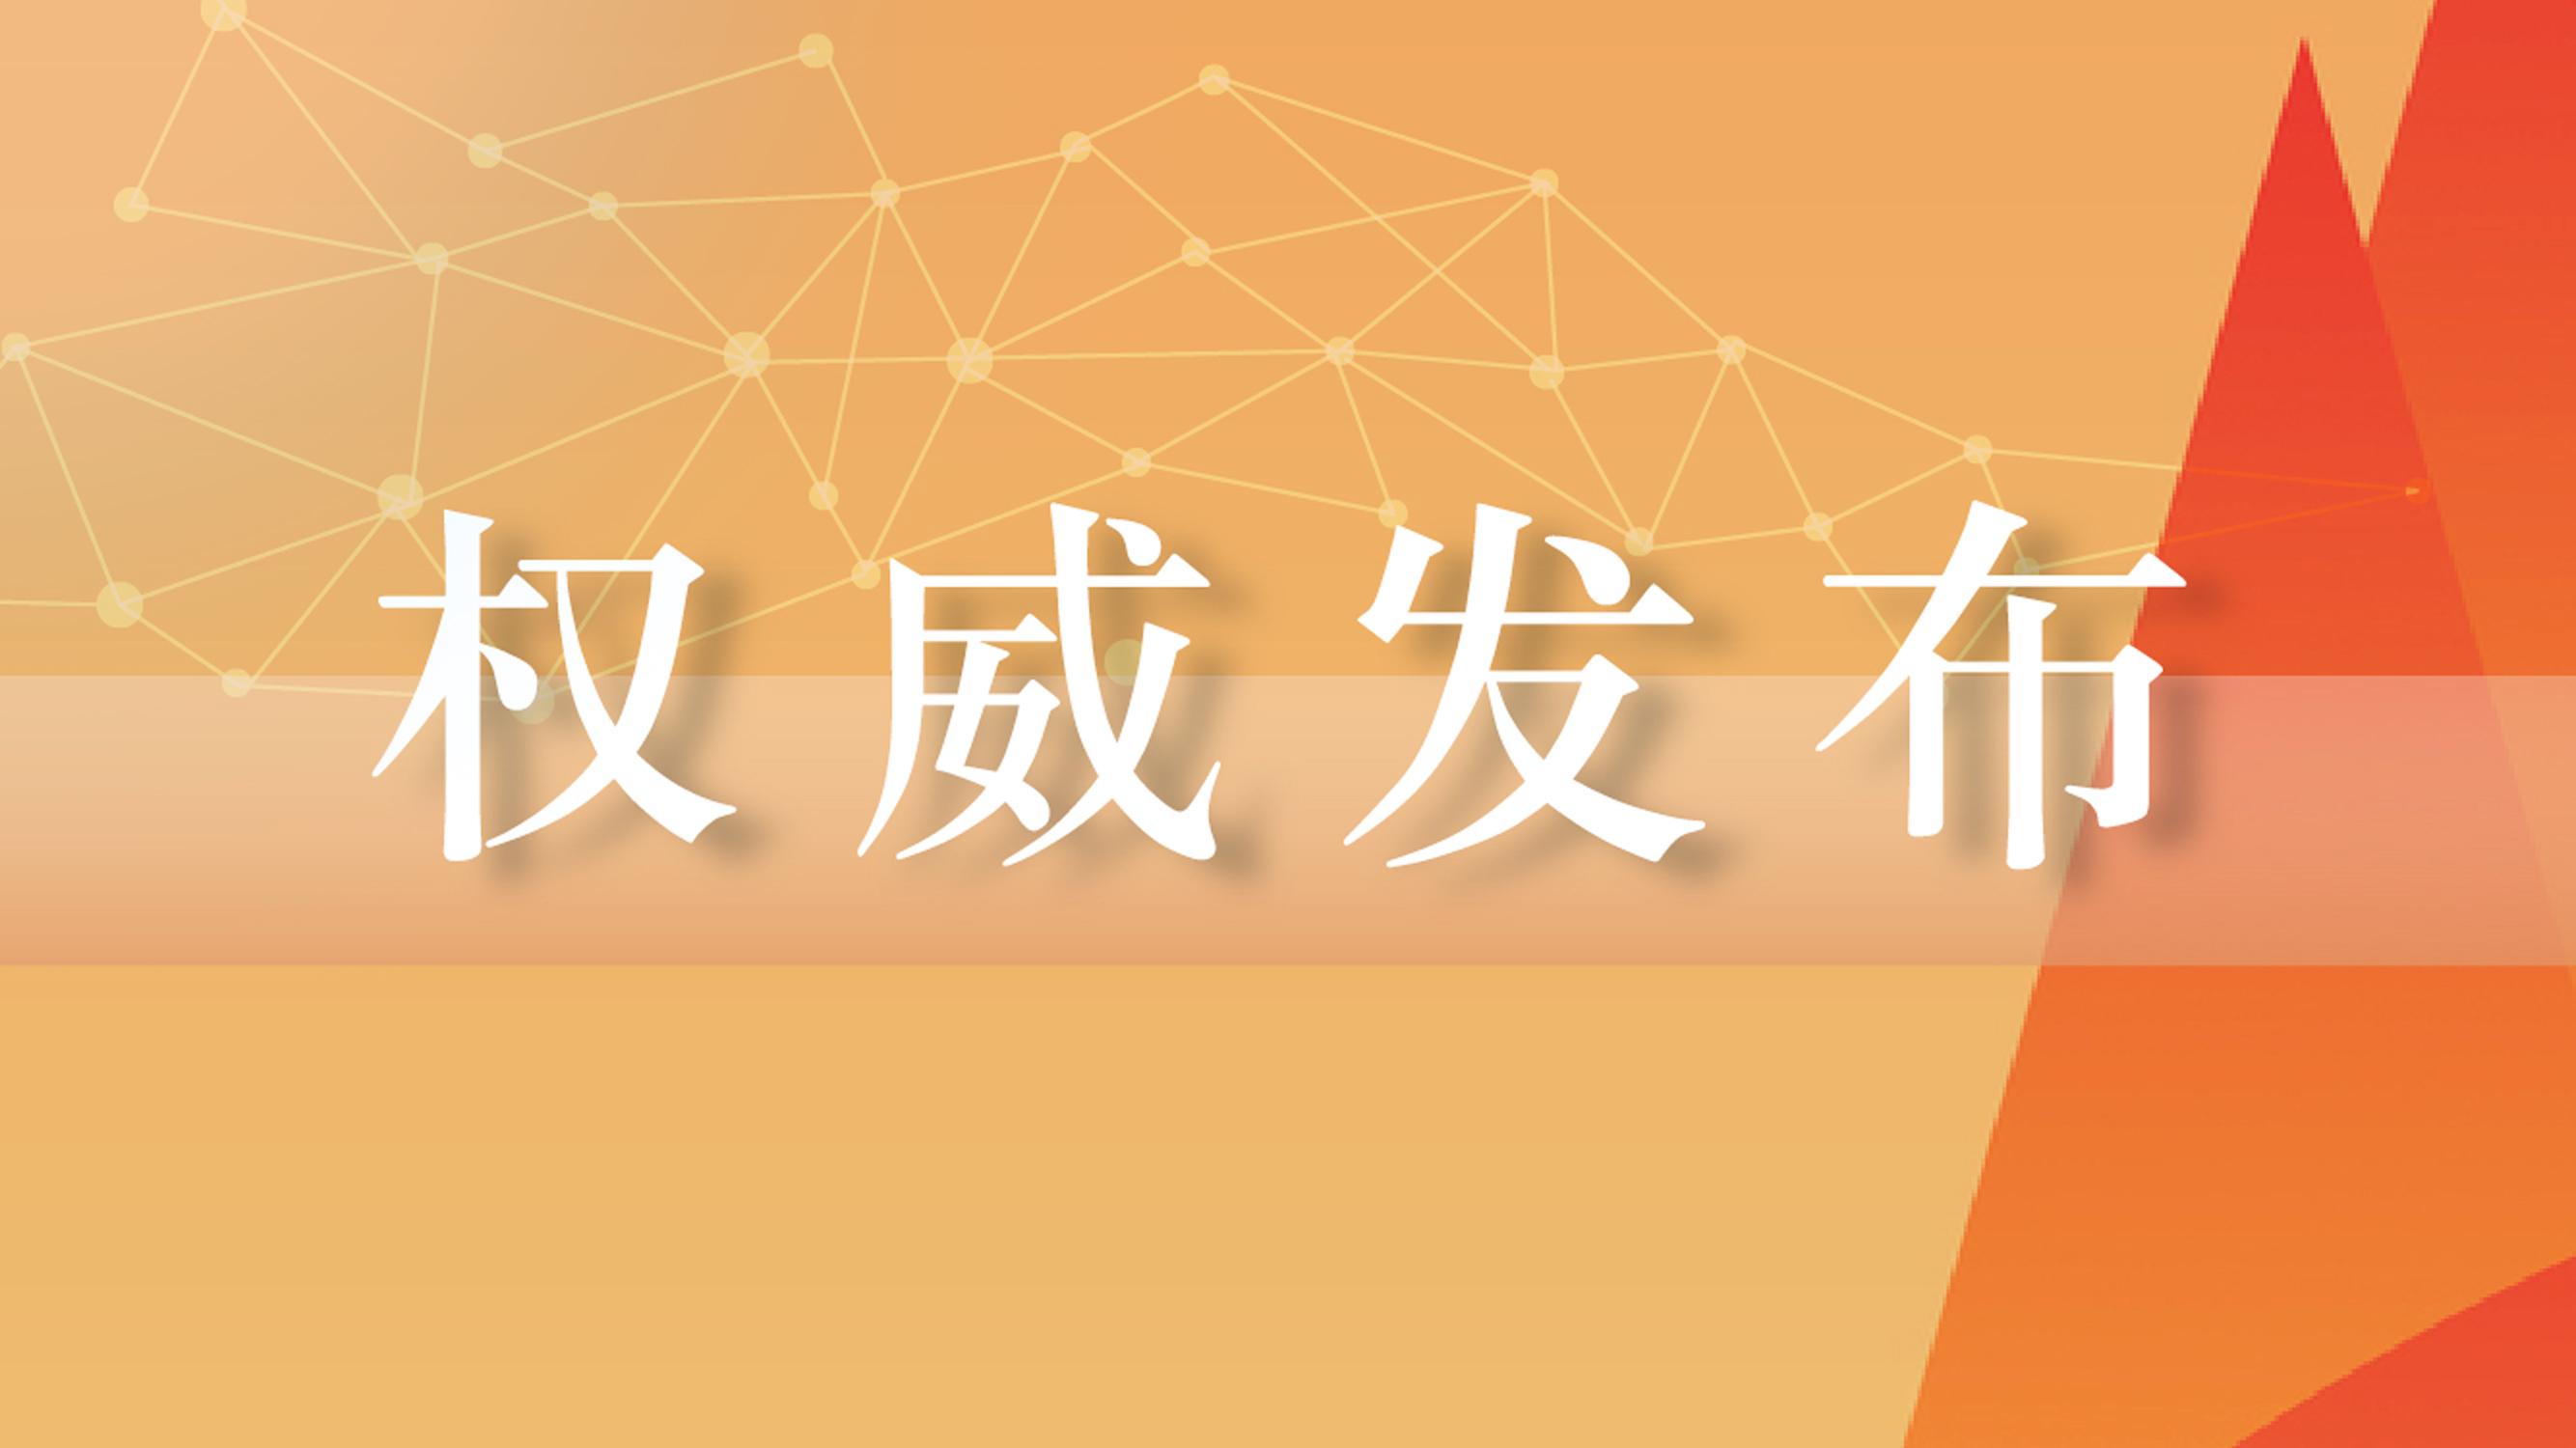 攀枝花市东区政府原副区长王文彬 严重违纪违法被开除党籍和公职